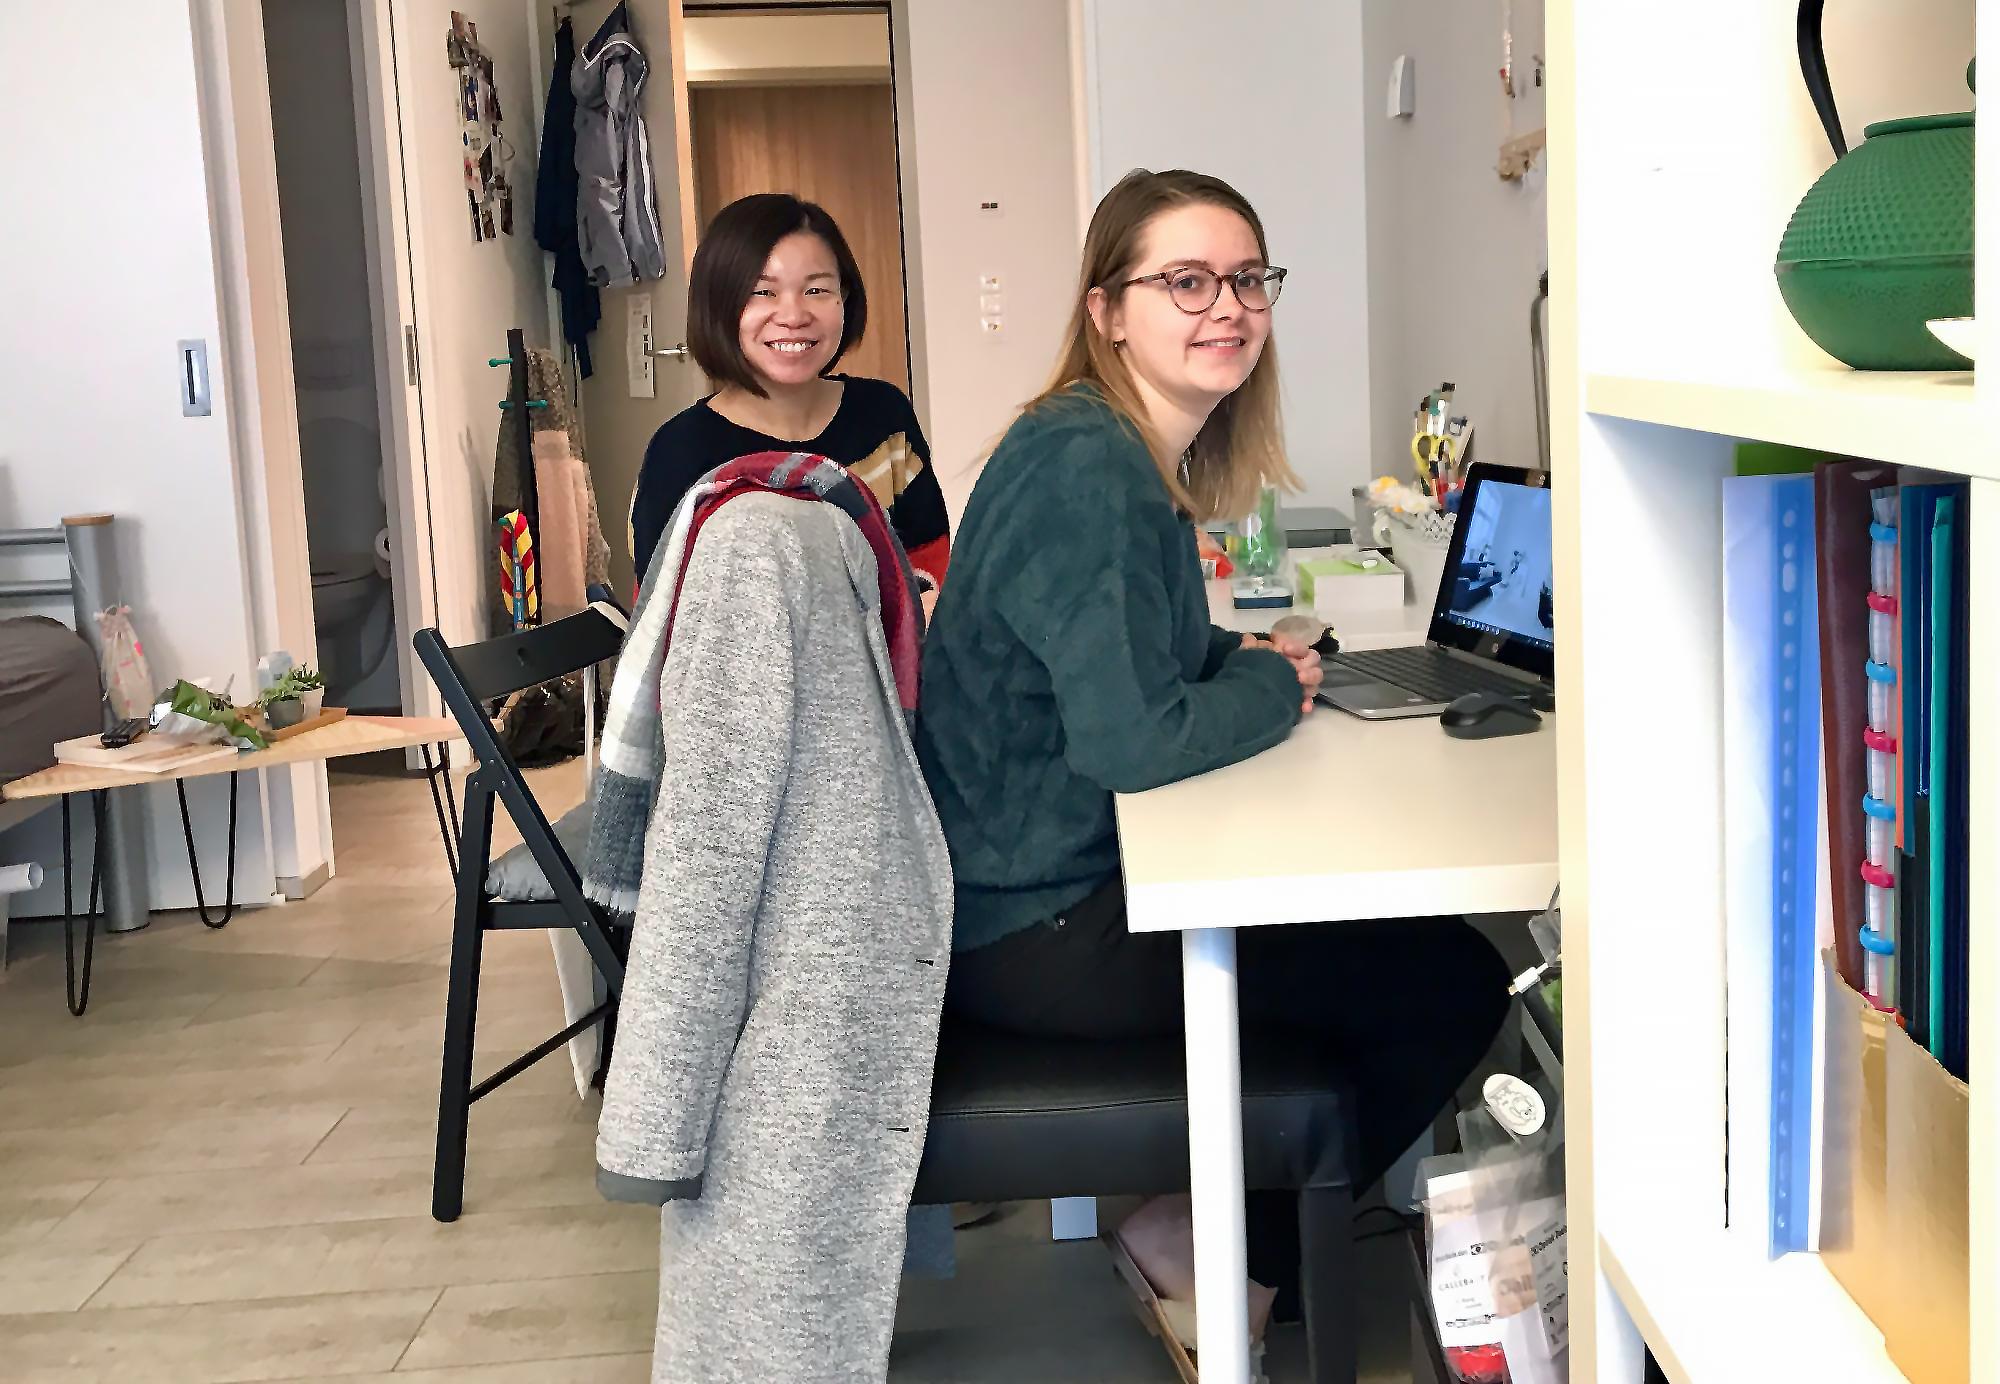 Ina Mathijs en Pat Law zijn op kot in het wzc van de zusters annuntiaten in Heverlee. Niet alleen de ruime kamer bevalt hen, maar ook de rust en het aangename contact met ouderen en zusters. © Lieve Wouters